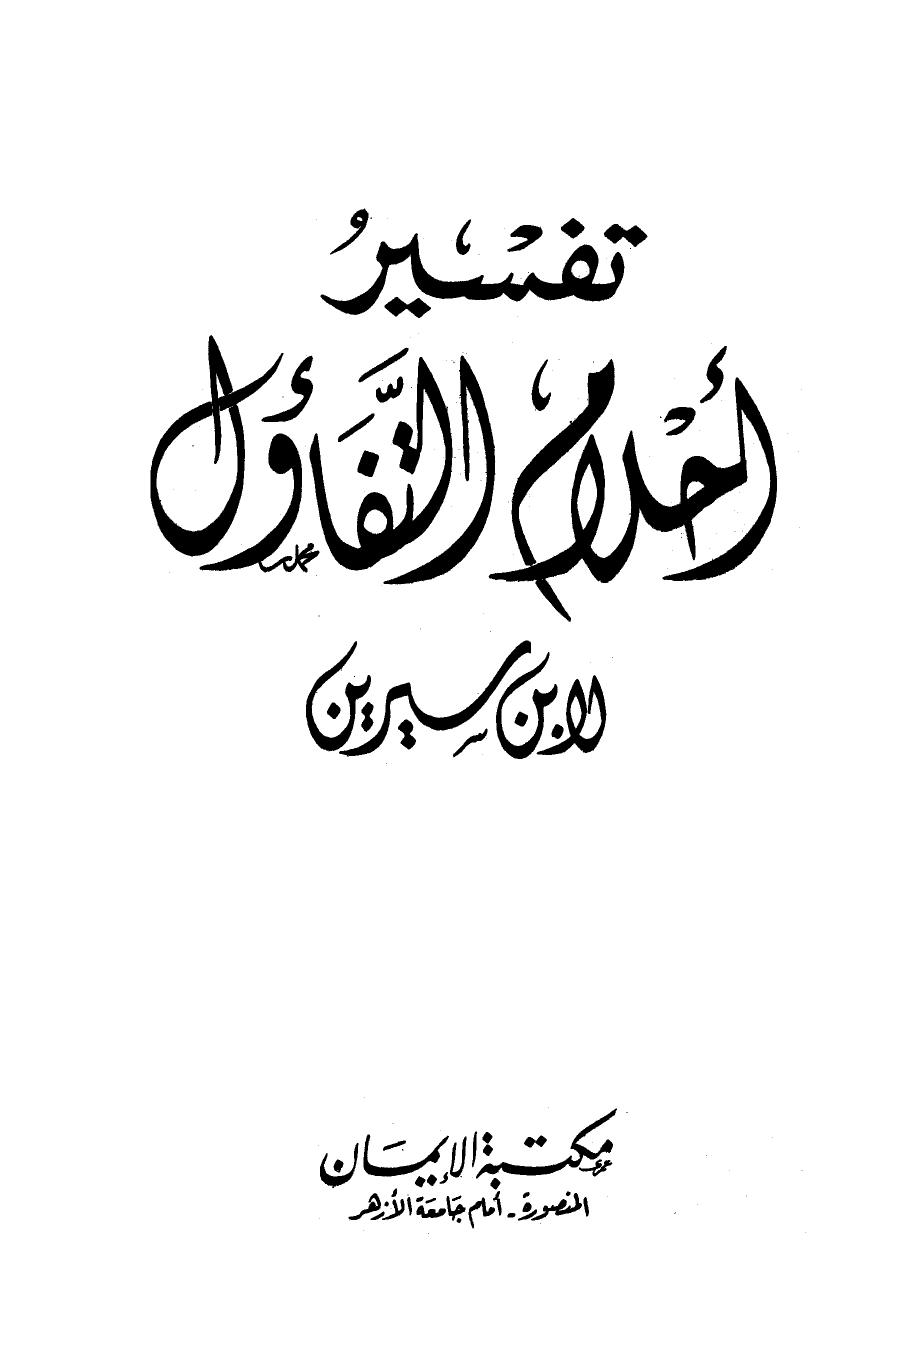 تفسير أحلام التفاؤل لابن سيرين Pdf Calligraphy Arabic Calligraphy